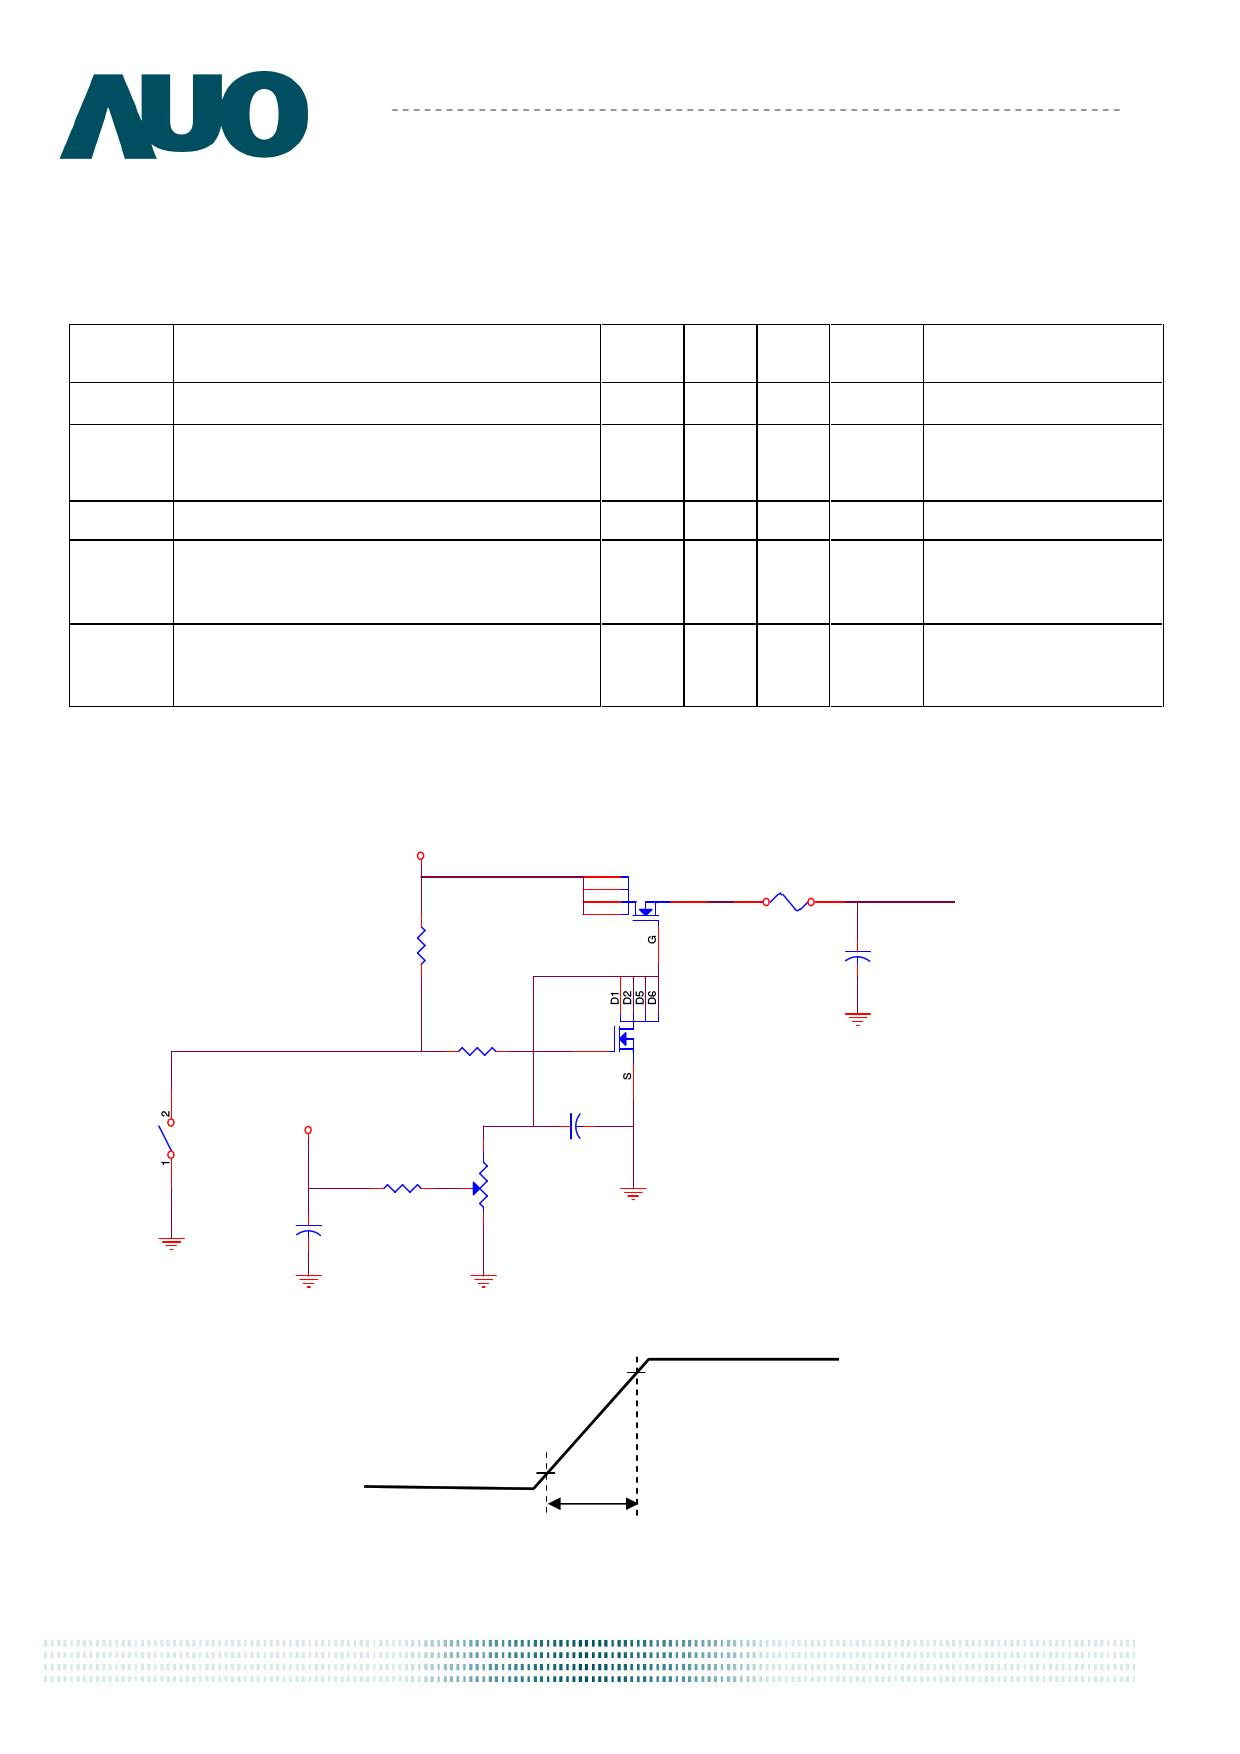 G057VN01_V0 arduino